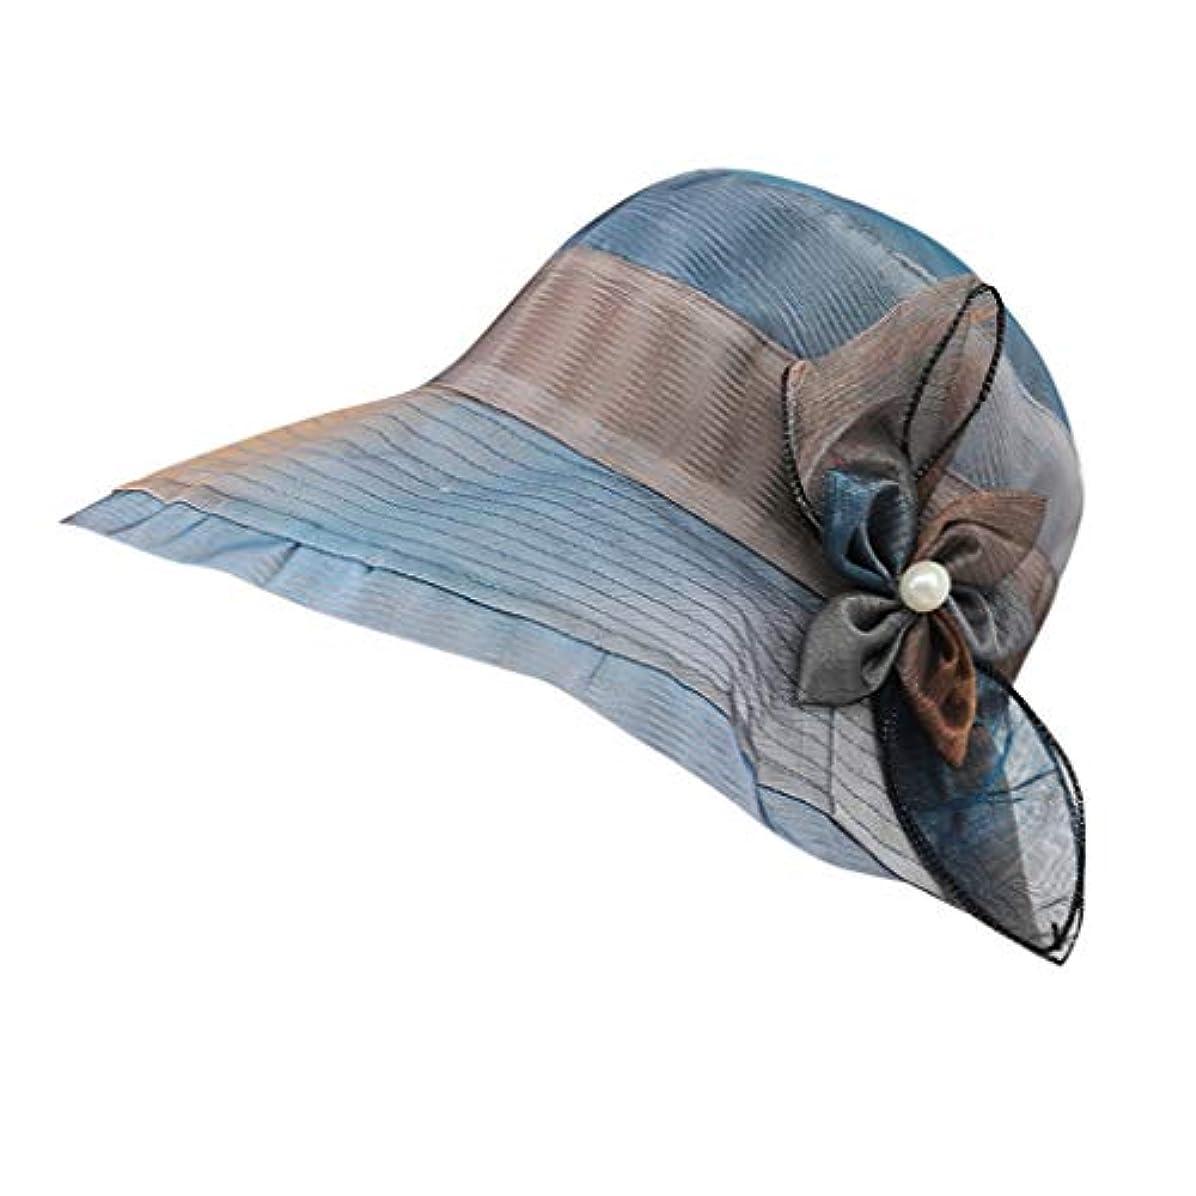 アベニュー機構想定ハット レディース UVカット 帽子 レディース 日よけ 帽子 レディース つば広 無地 洗える 紫外線対策 ハット カジュアル 旅行用 日よけ 夏季 女優帽 小顔効果抜群 可愛い 夏季 海 旅行 ROSE ROMAN